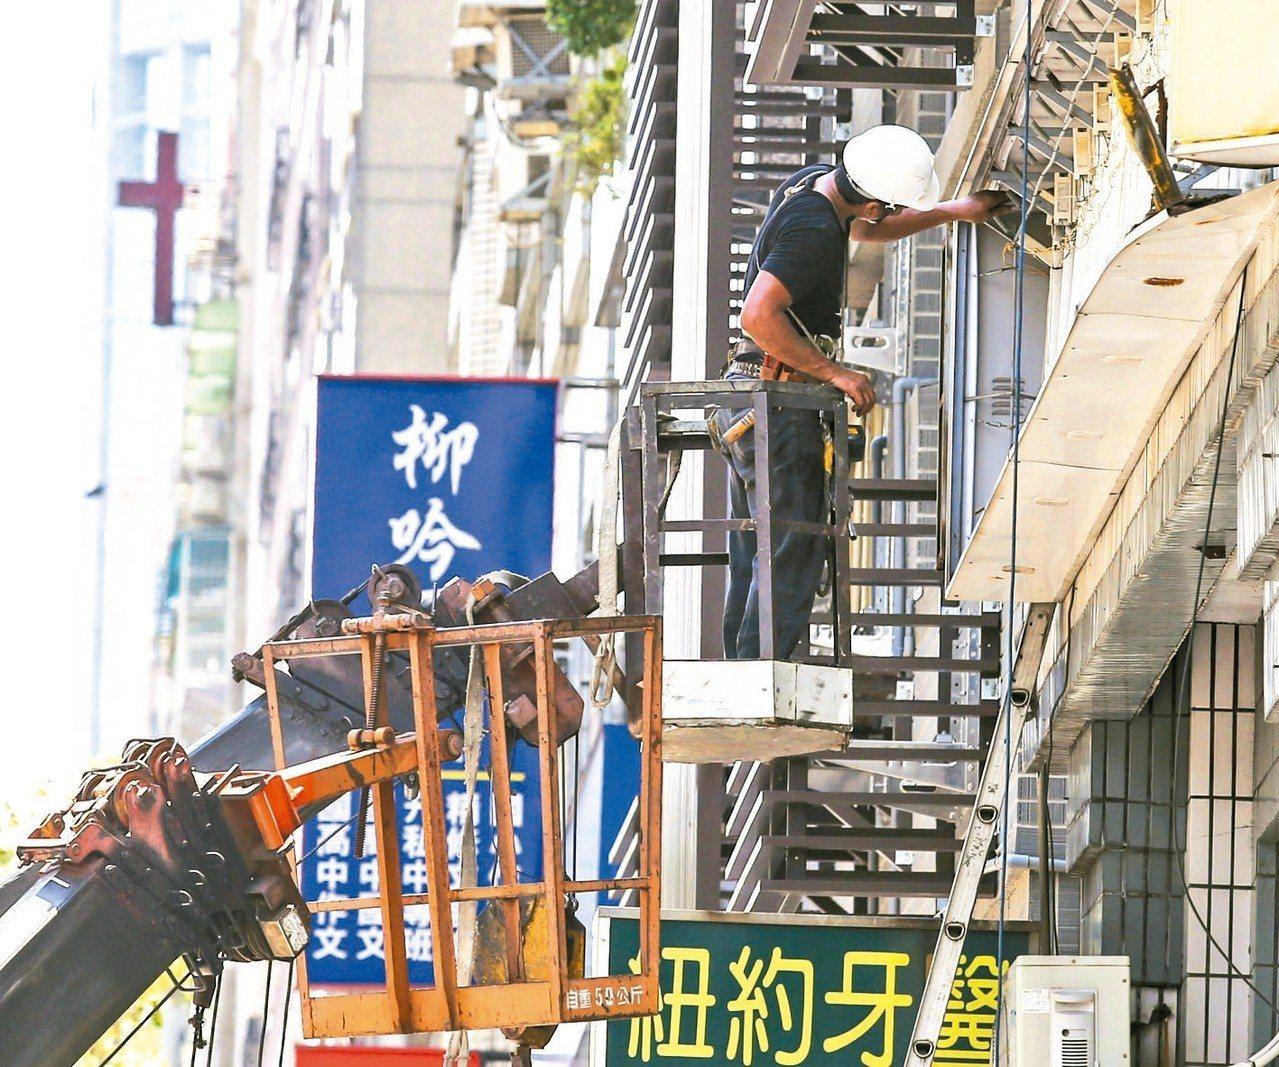 圖為一名工人在炎炎夏日下修理招牌。 圖/聯合報系資料照片